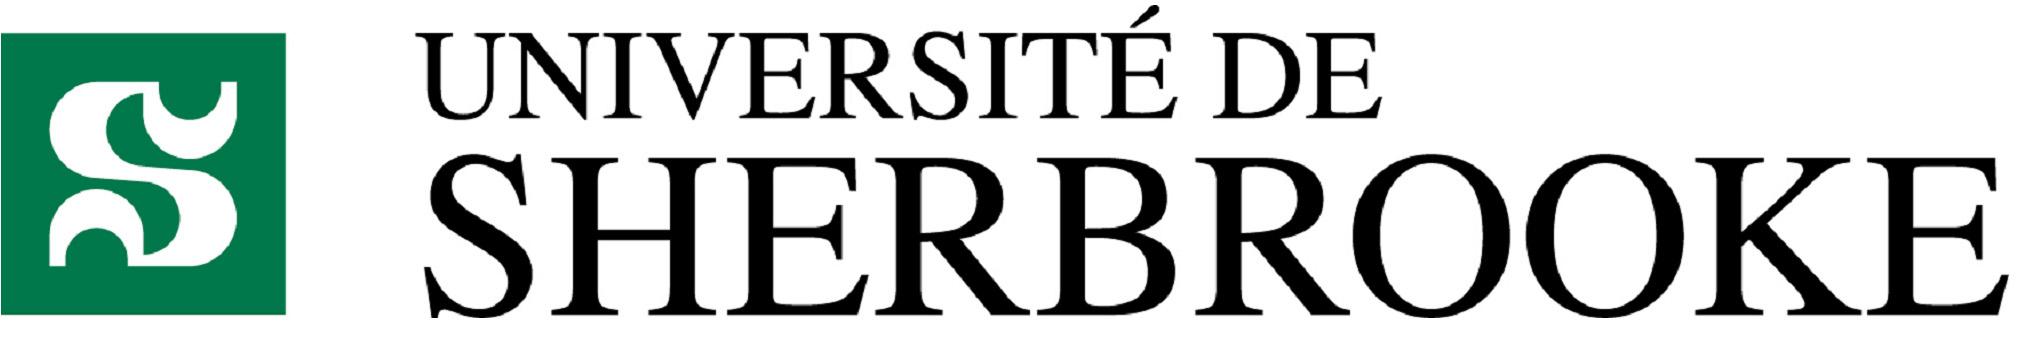 Faculté de medecine et des sciences de la sante de l'Universite de Sherbrooke - Logo